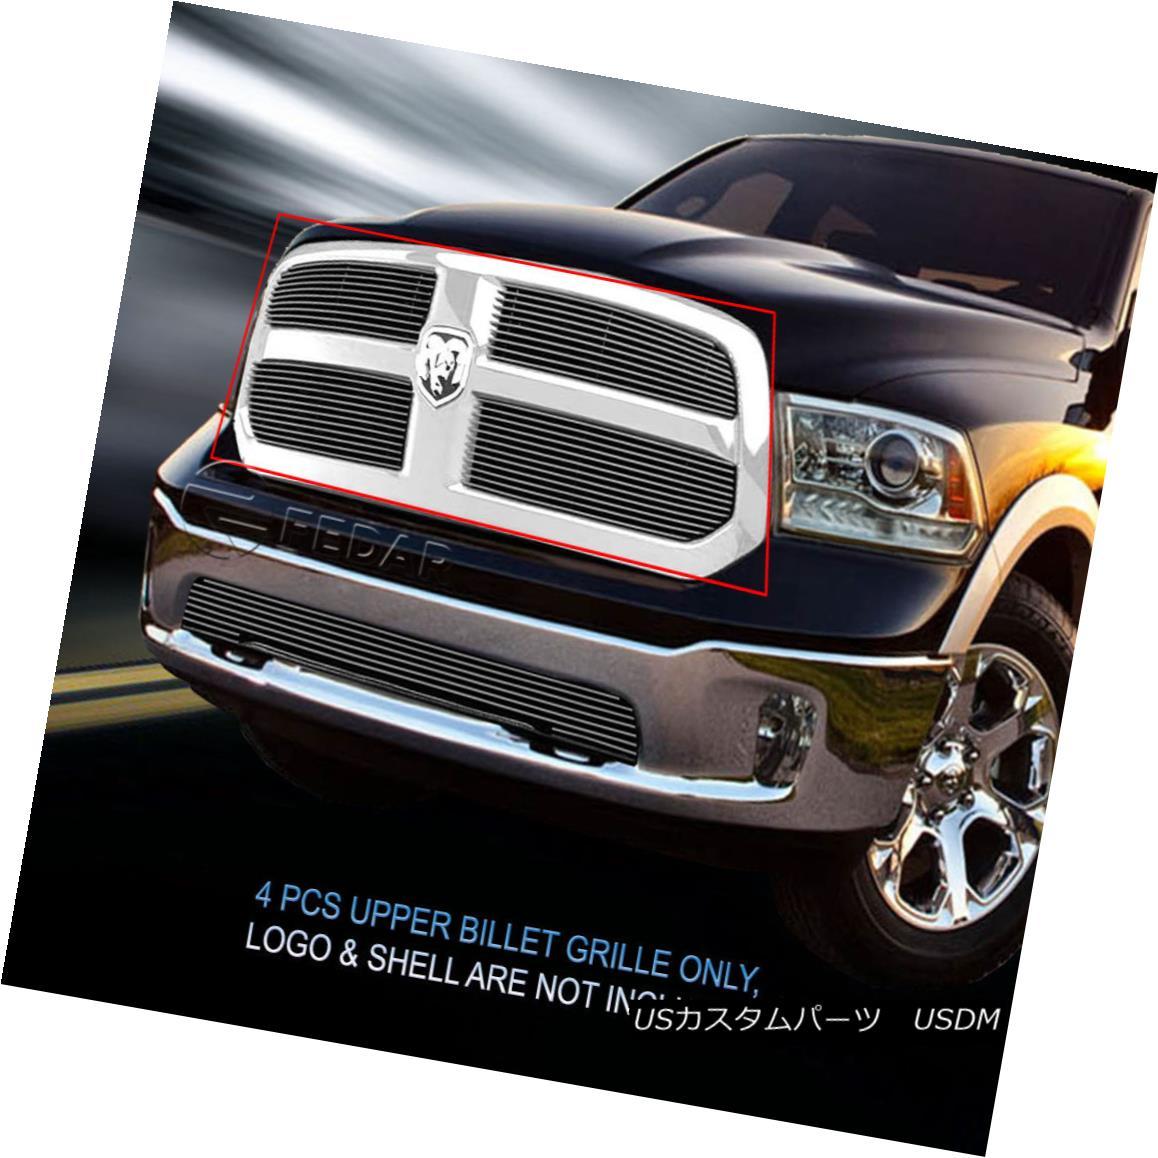 グリル Fedar Fits 2013-2017 Dodge Ram 1500 Polished Main Upper Billet Grille Insert Fedarは2013-2017 Dodge Ram 1500を研磨します。メインアッパービレットグリルインサート